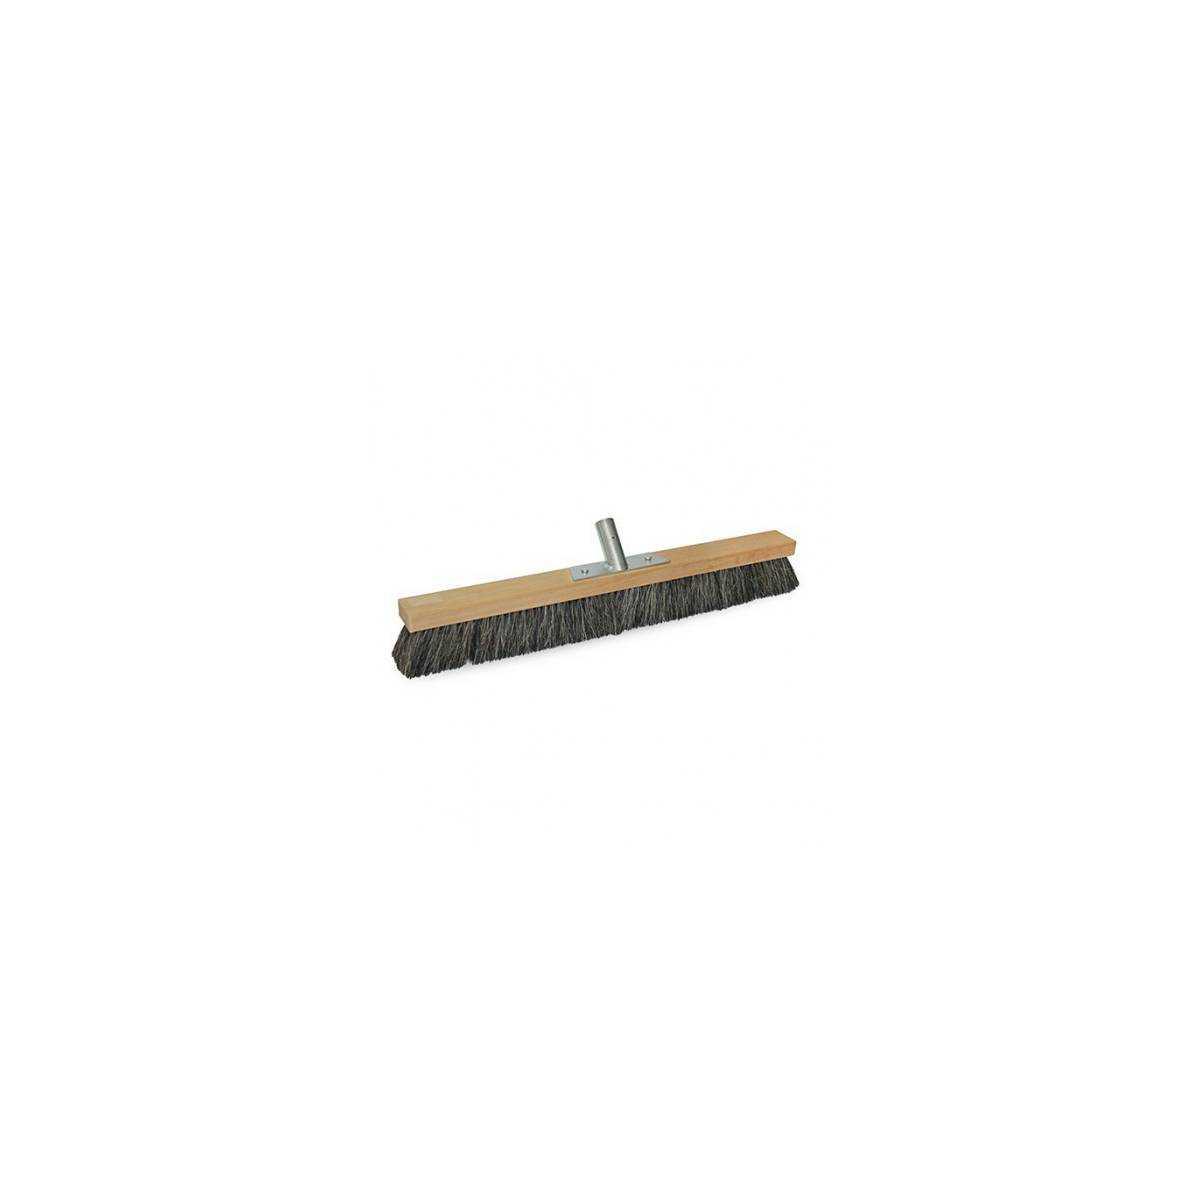 Щетка для пола конский волос 60см 00005515 TTS